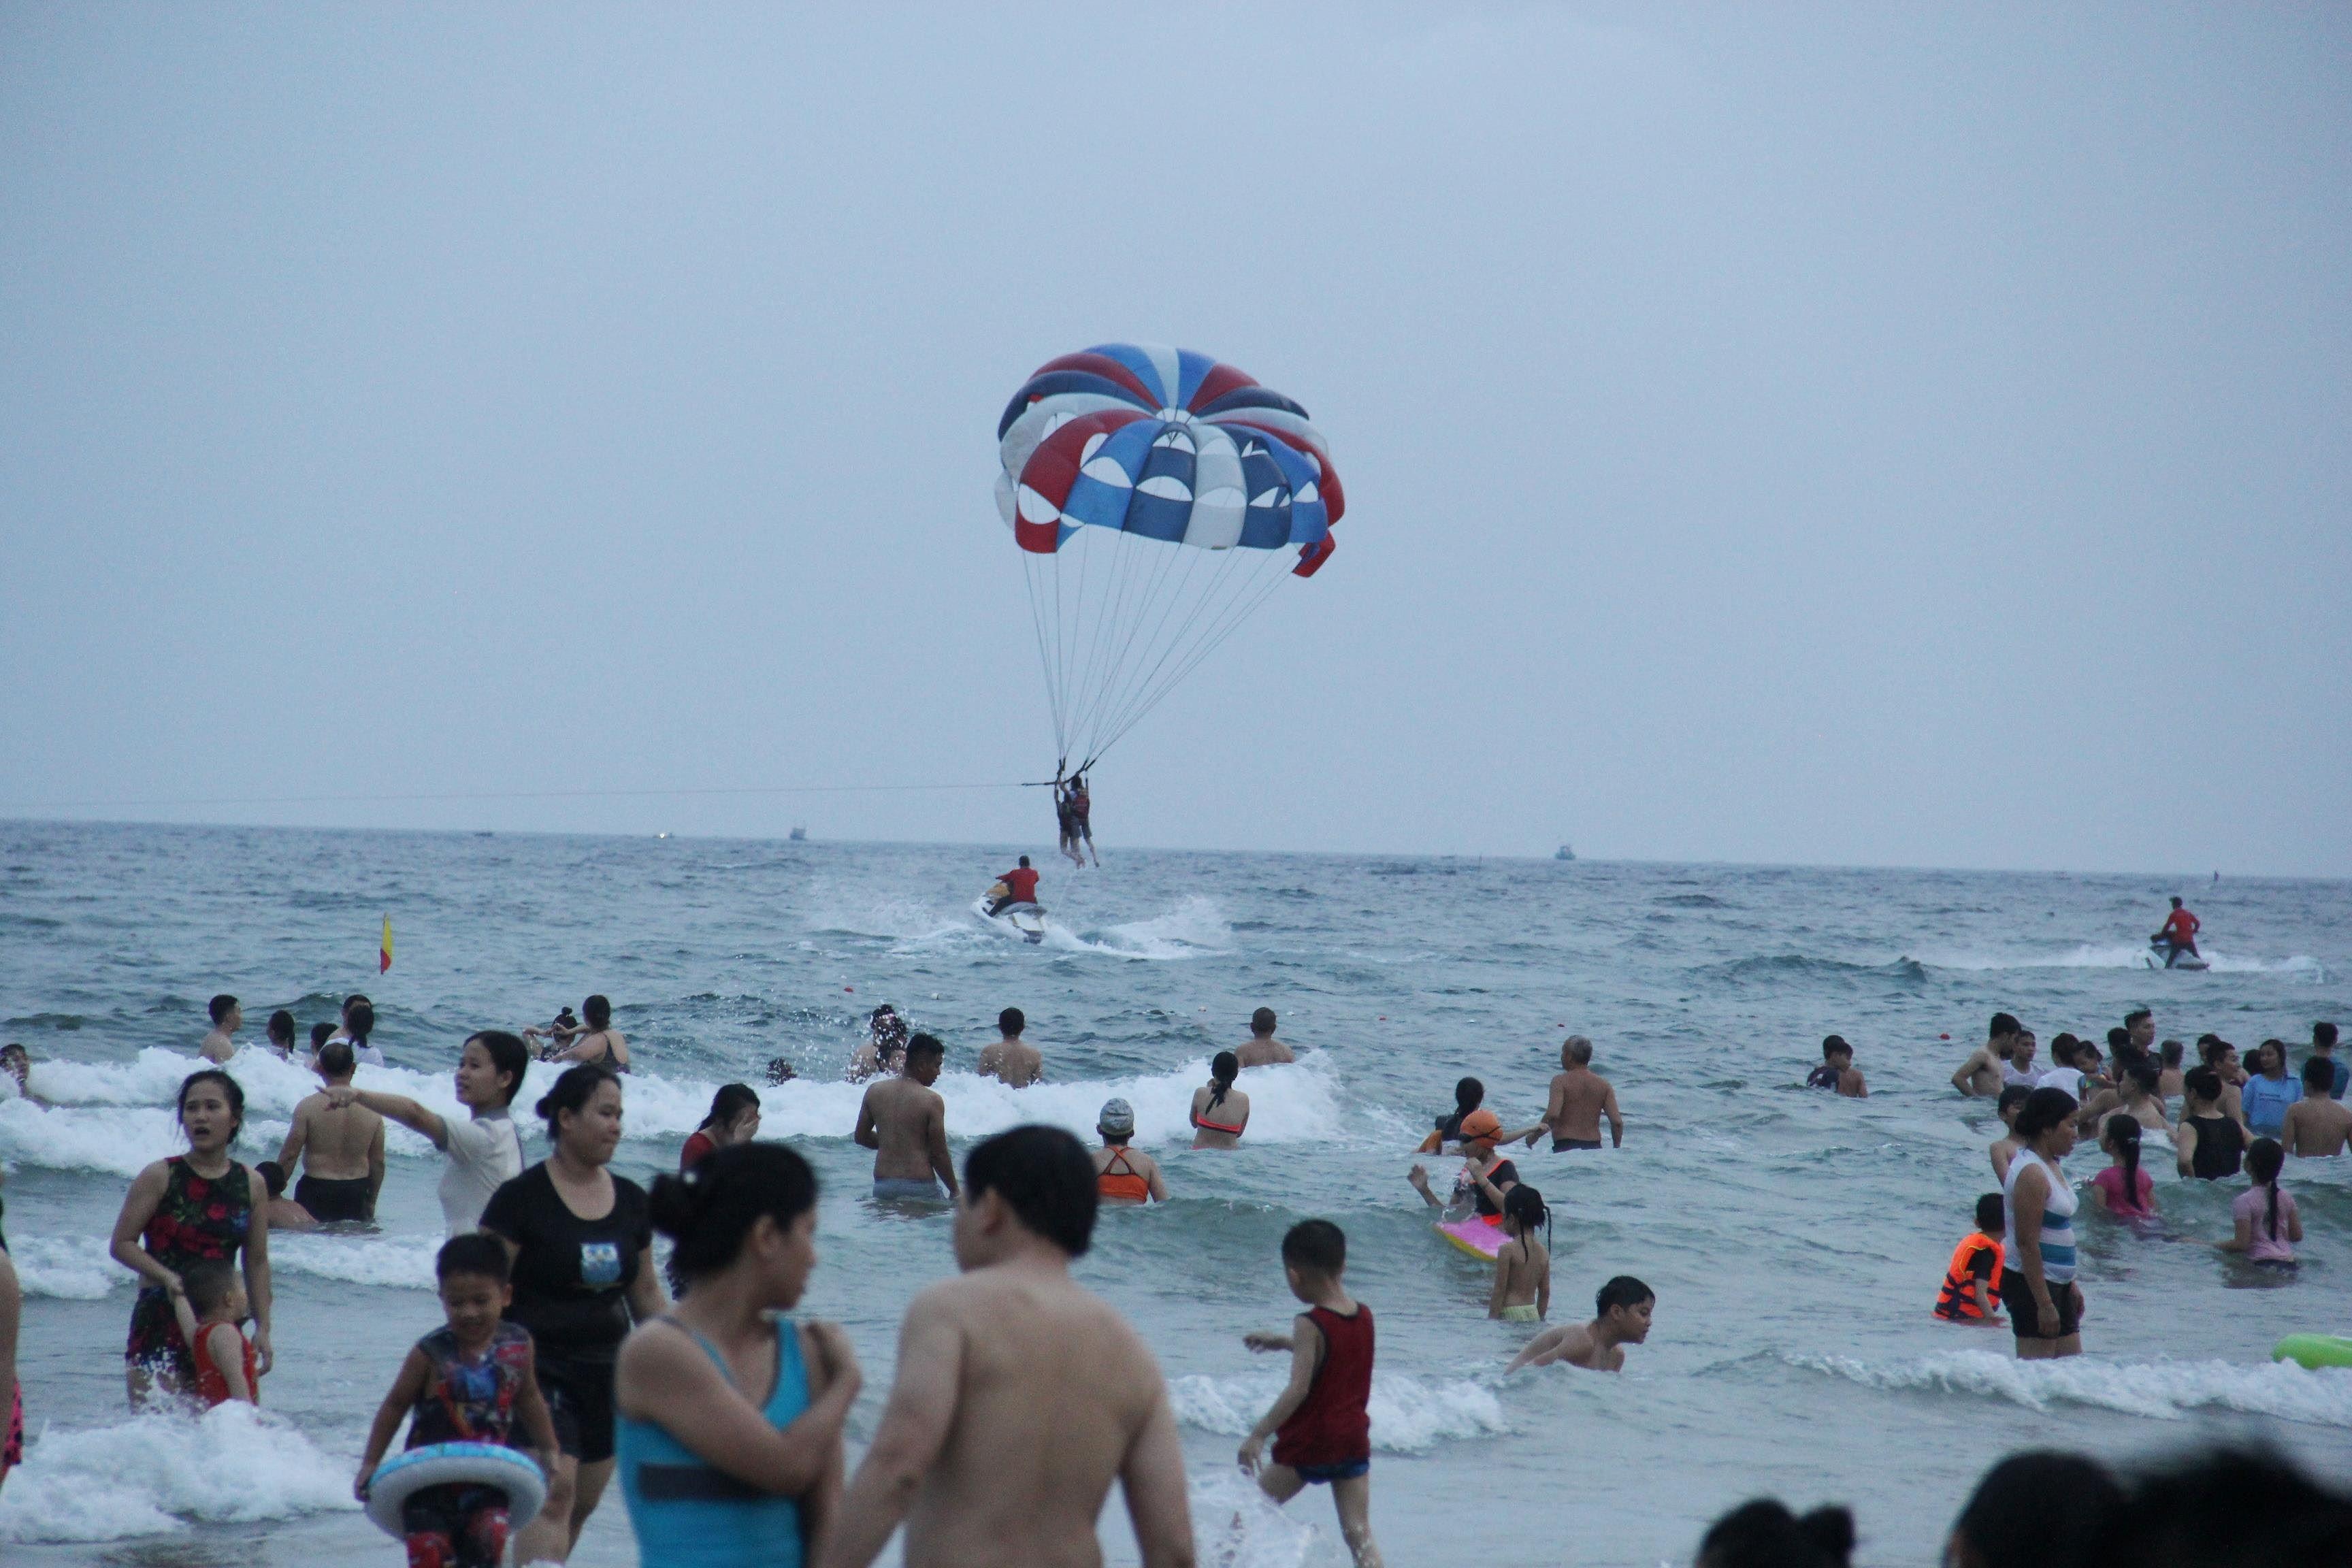 Hàng ngàn du khách đổ về bãi biển 'đẹp nhất hành tinh' Đà Nẵng Ảnh 5